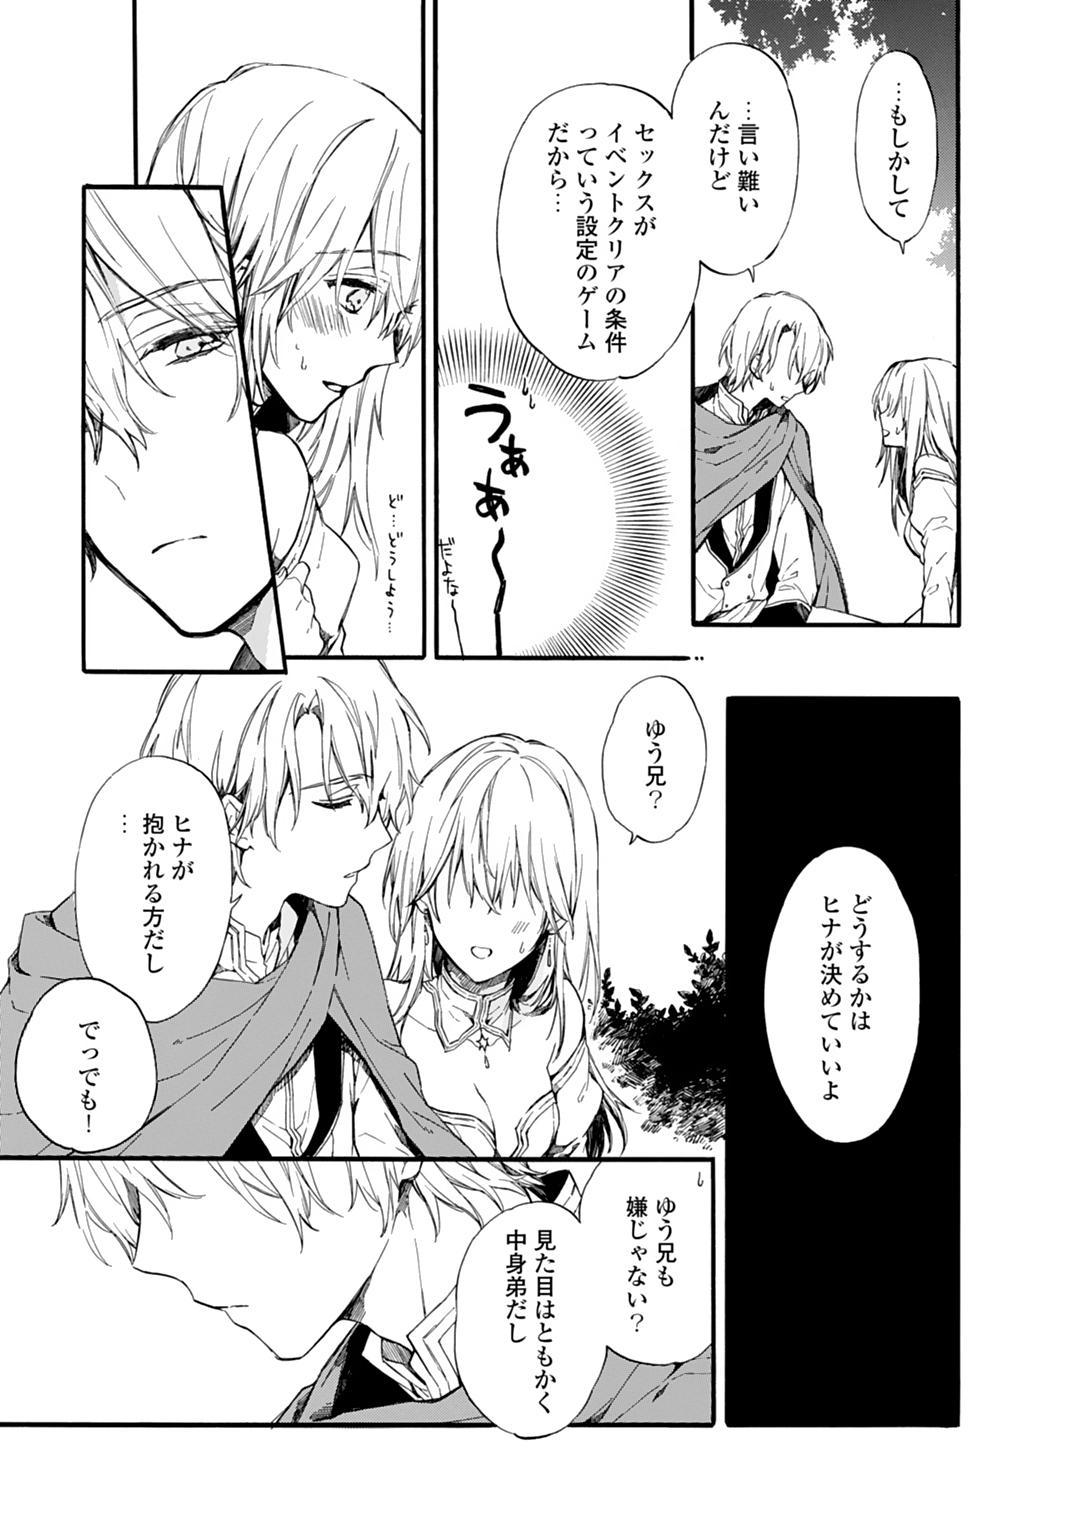 [Suzushiro Nerita] Otomege (18-kin) de Nyotaika shita Ore wa ~Clear Jouken wa Dekiai Ecchi!?~ 1-2 14